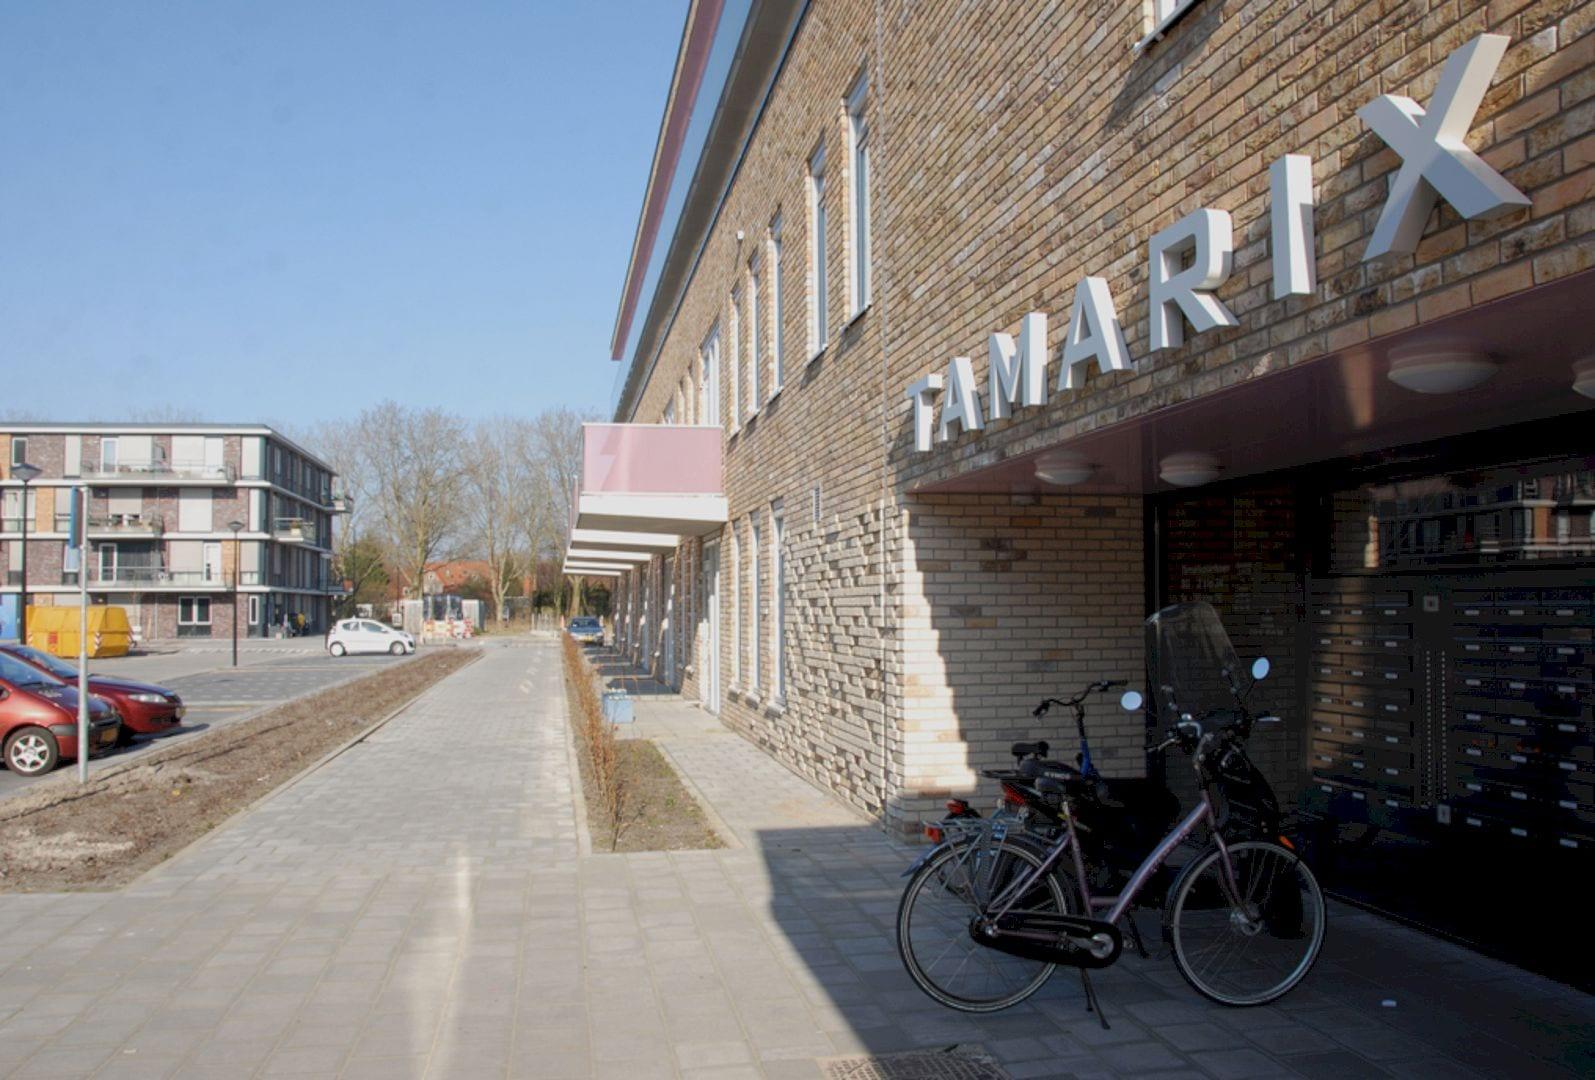 Apartments Tamarixplantsoen Heerhugowaard By Jeanne Dekkers Architectuur 7